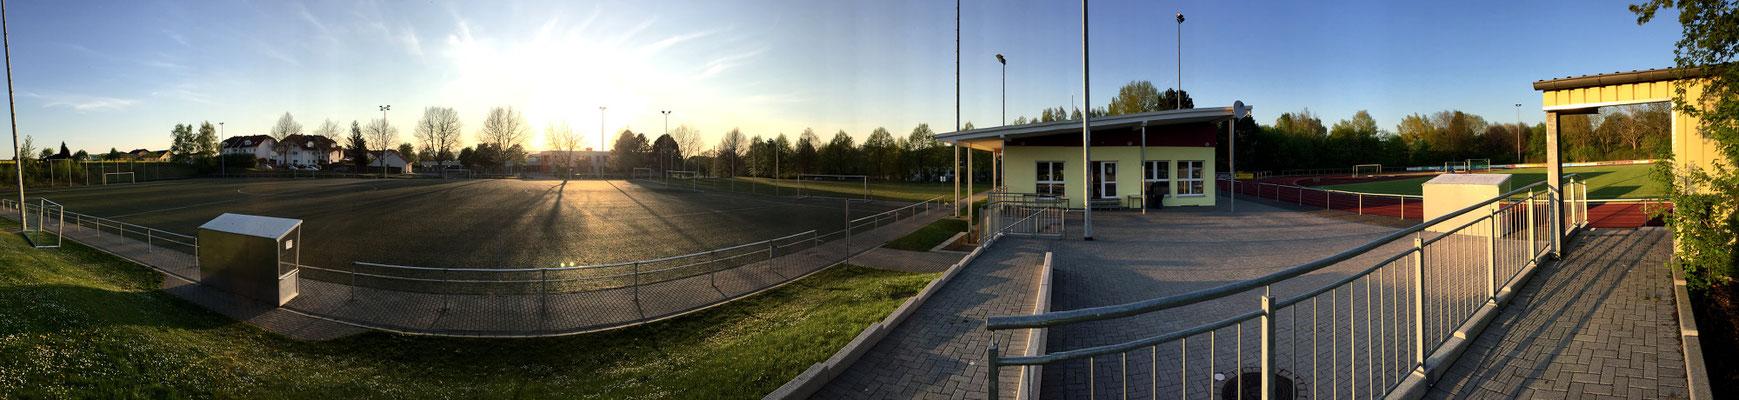 Panorama der Stadionanlage